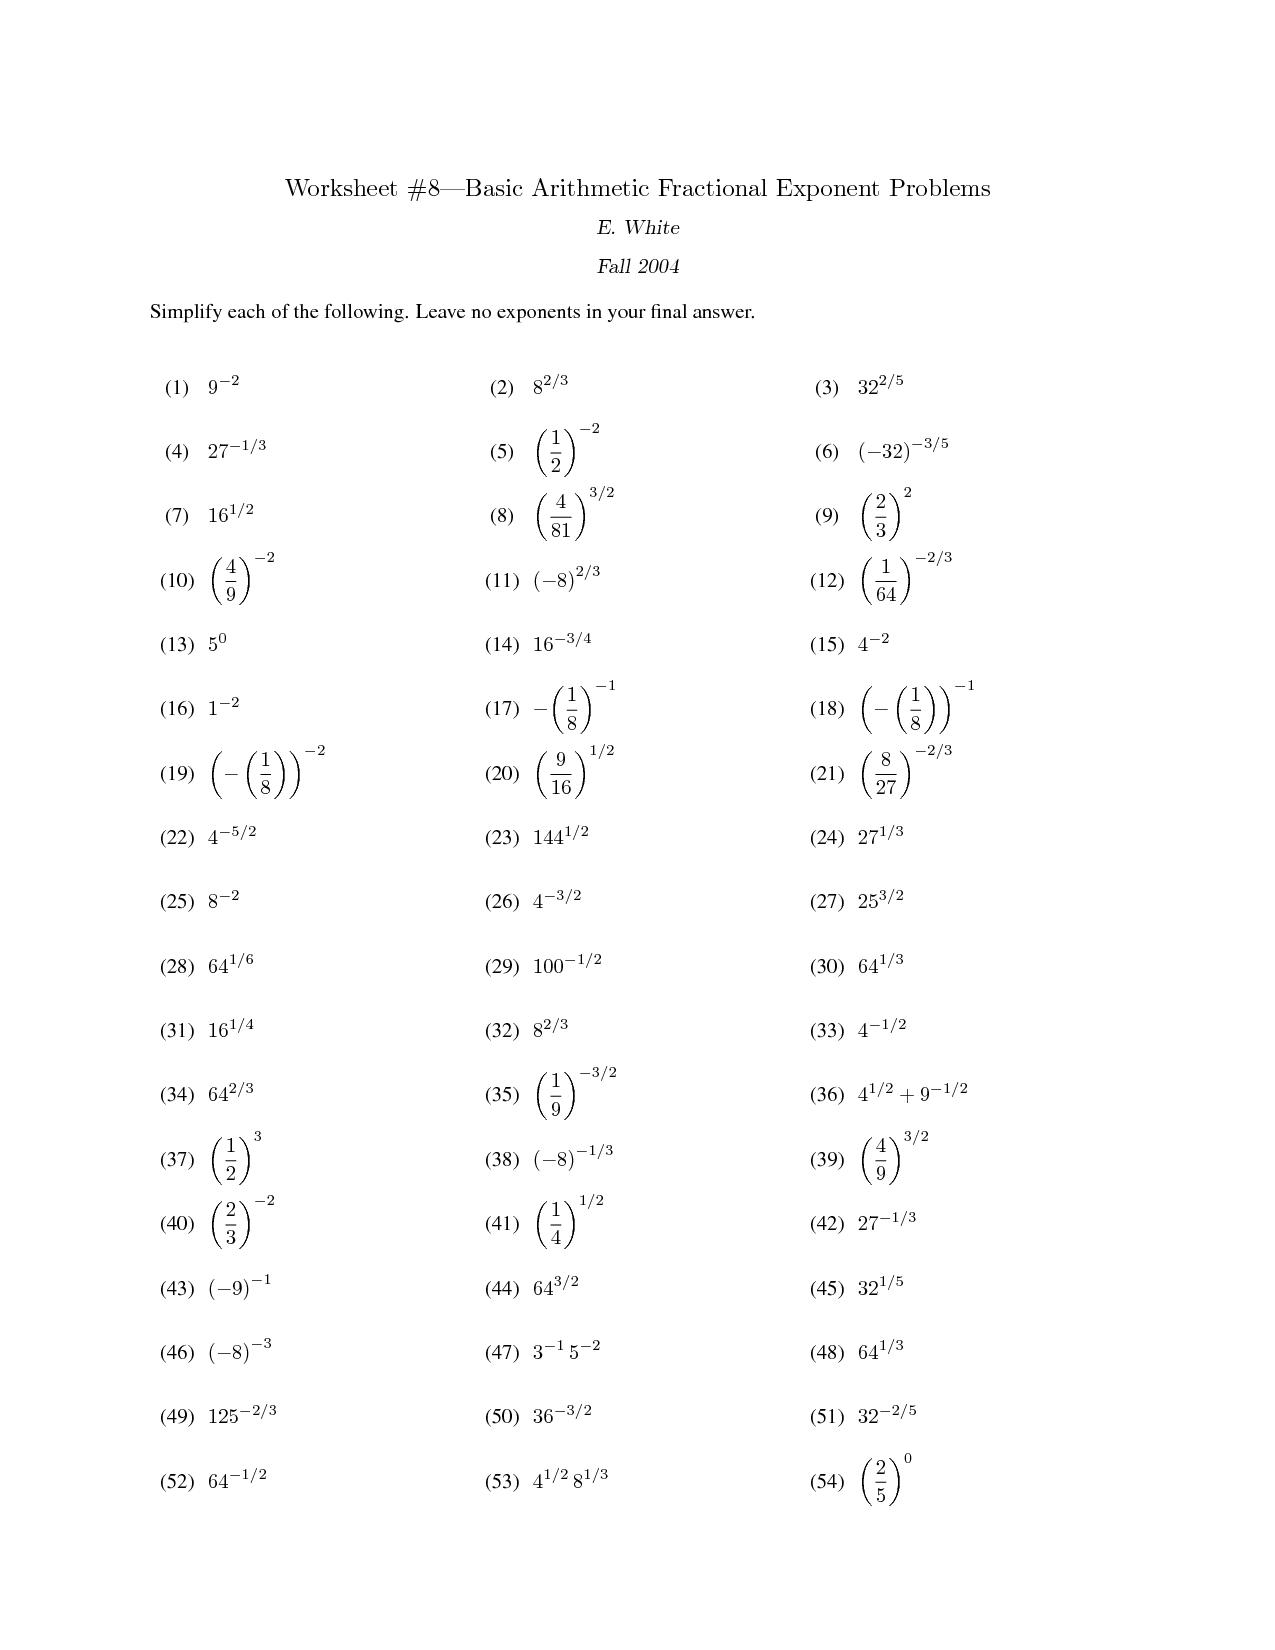 Fraction Worksheet Basic Rules